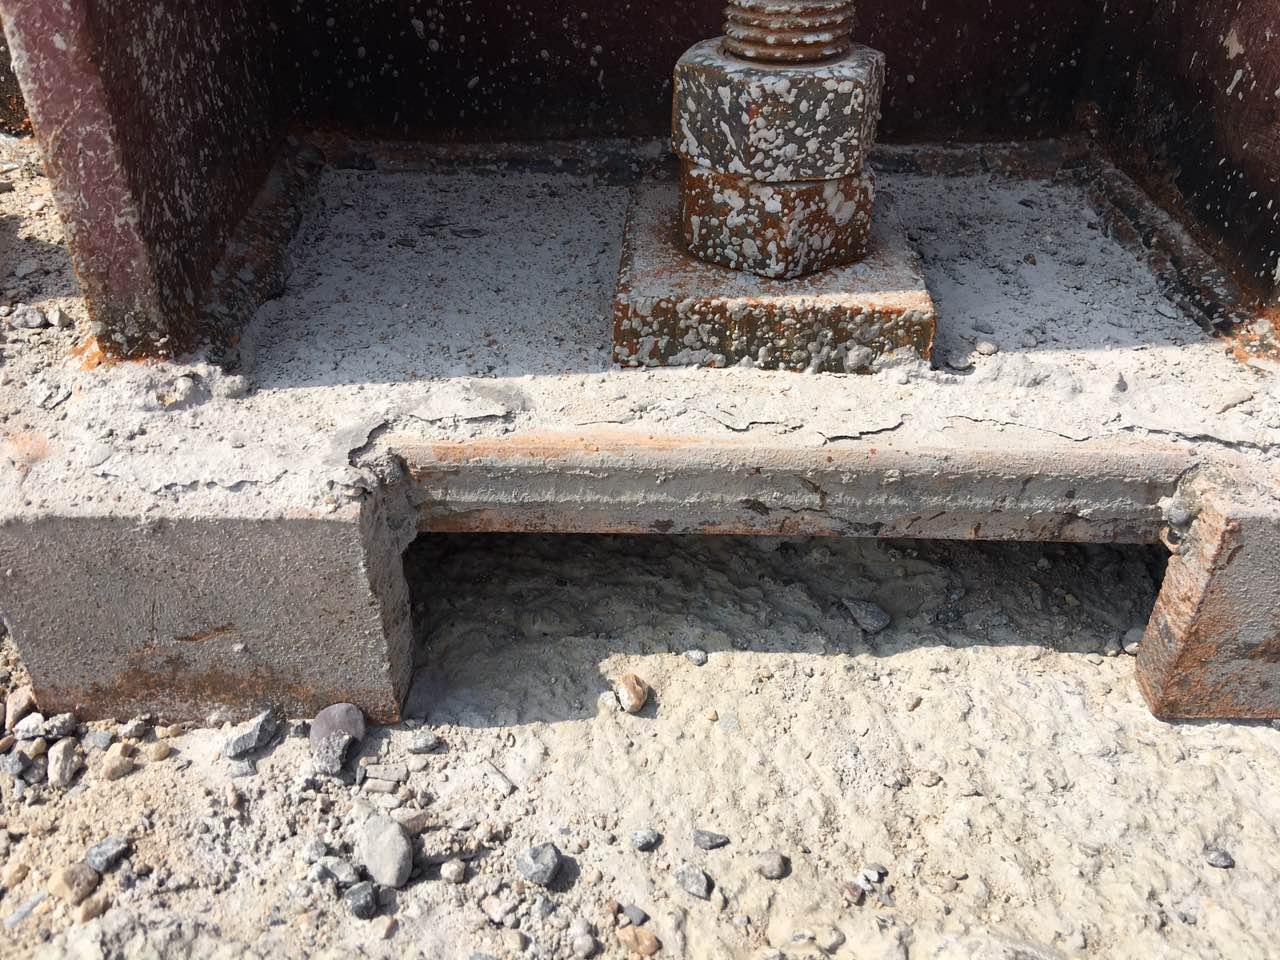 灌浆料使用不当问题二次抹面工艺